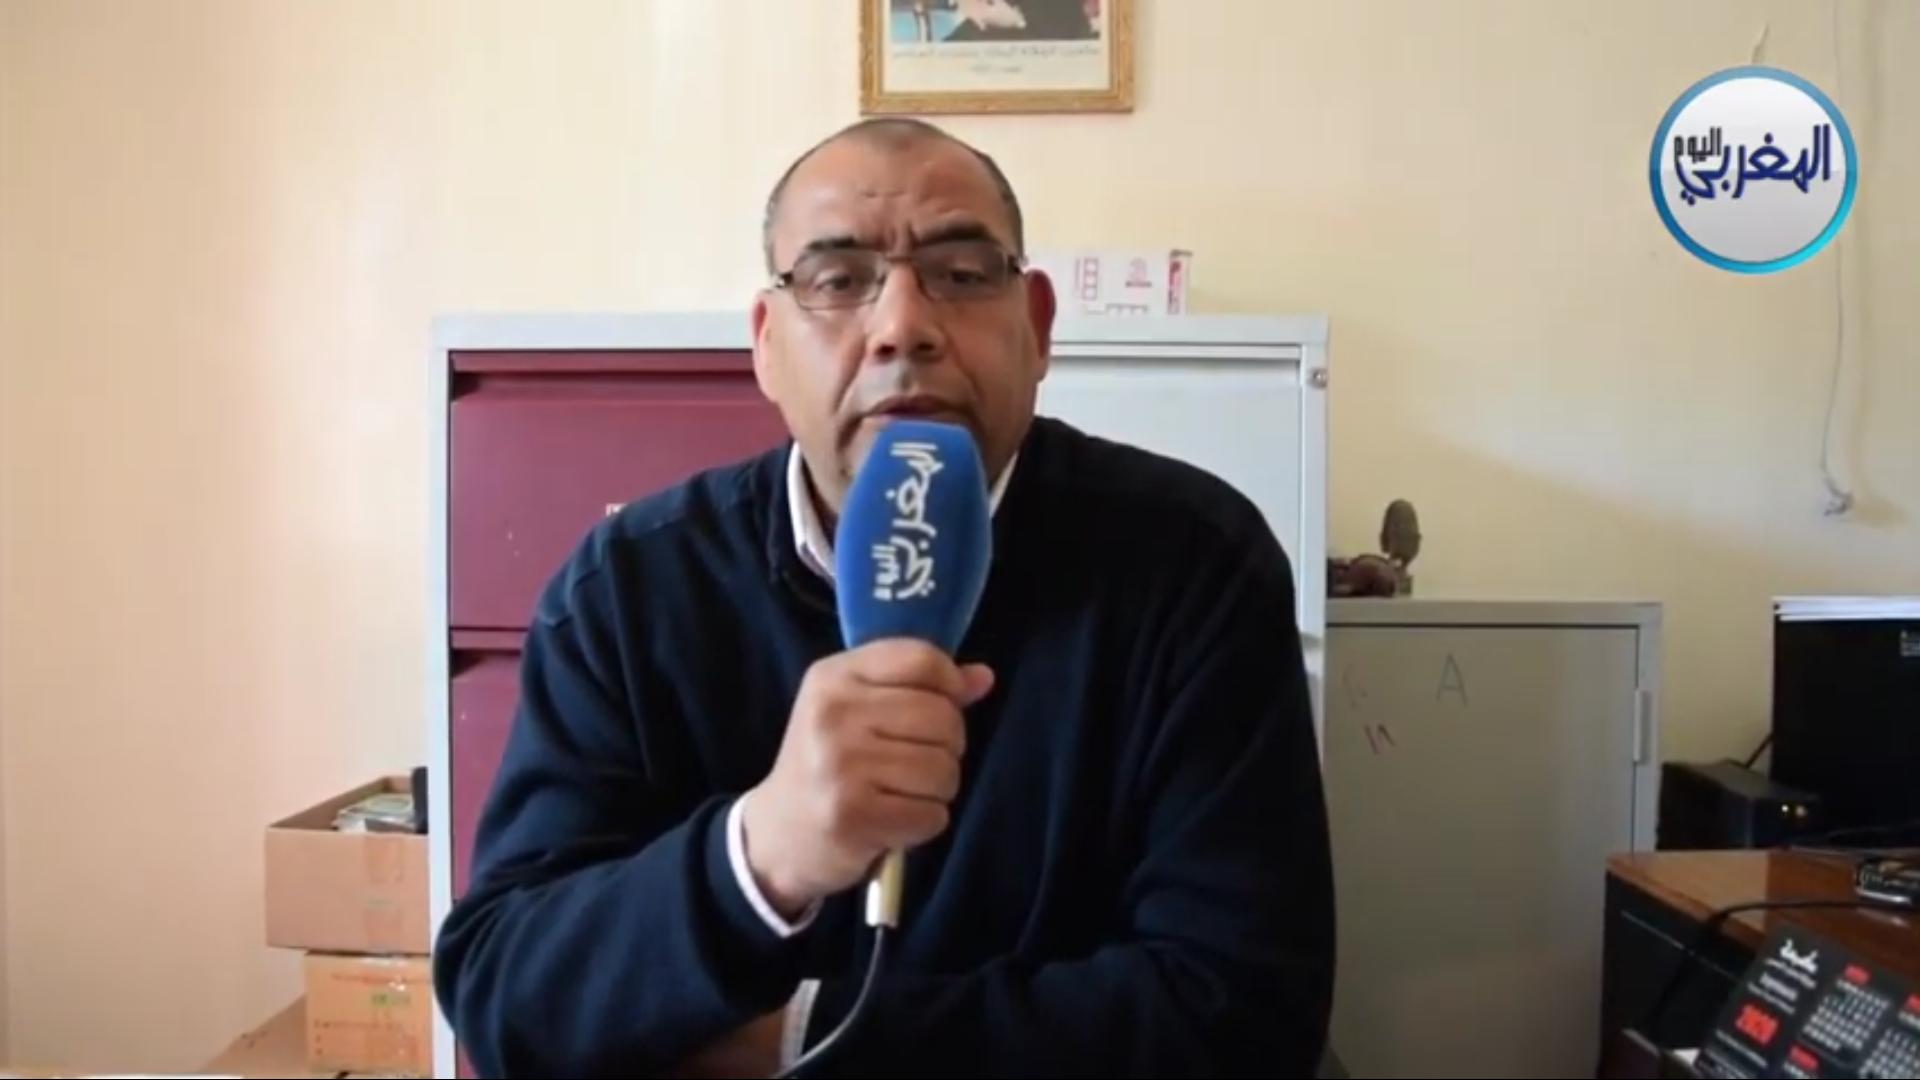 بالفيديو… المندوب الإقليمي لوزارة الصحة بمراكش يكشف الوضع الصحي للمصاب الثالث بفيروس كورونا وعائلته